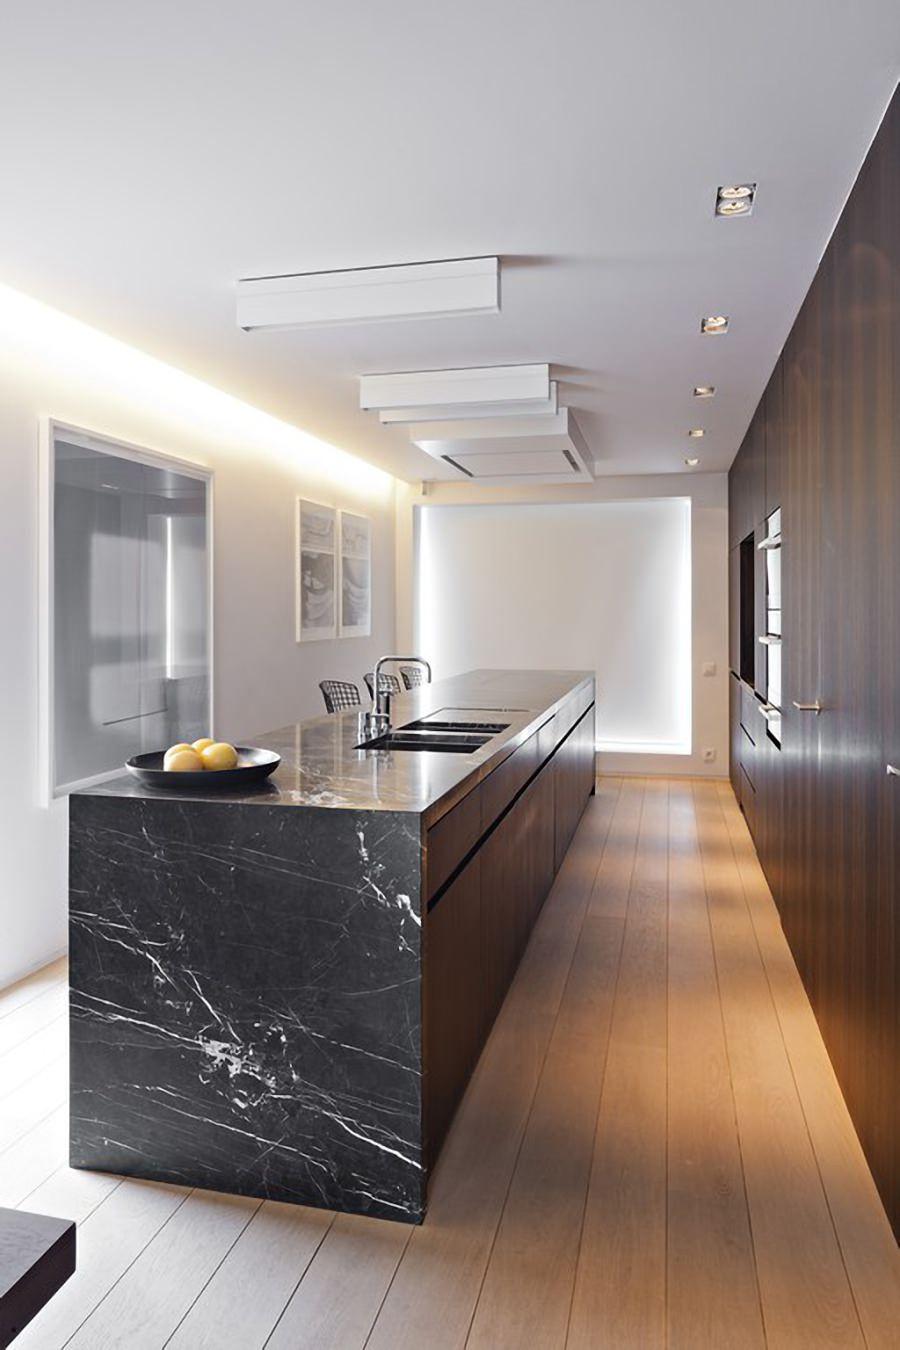 Cucine Bellissime Con Isola 100 idee cucine con isola moderne e funzionali | cucine